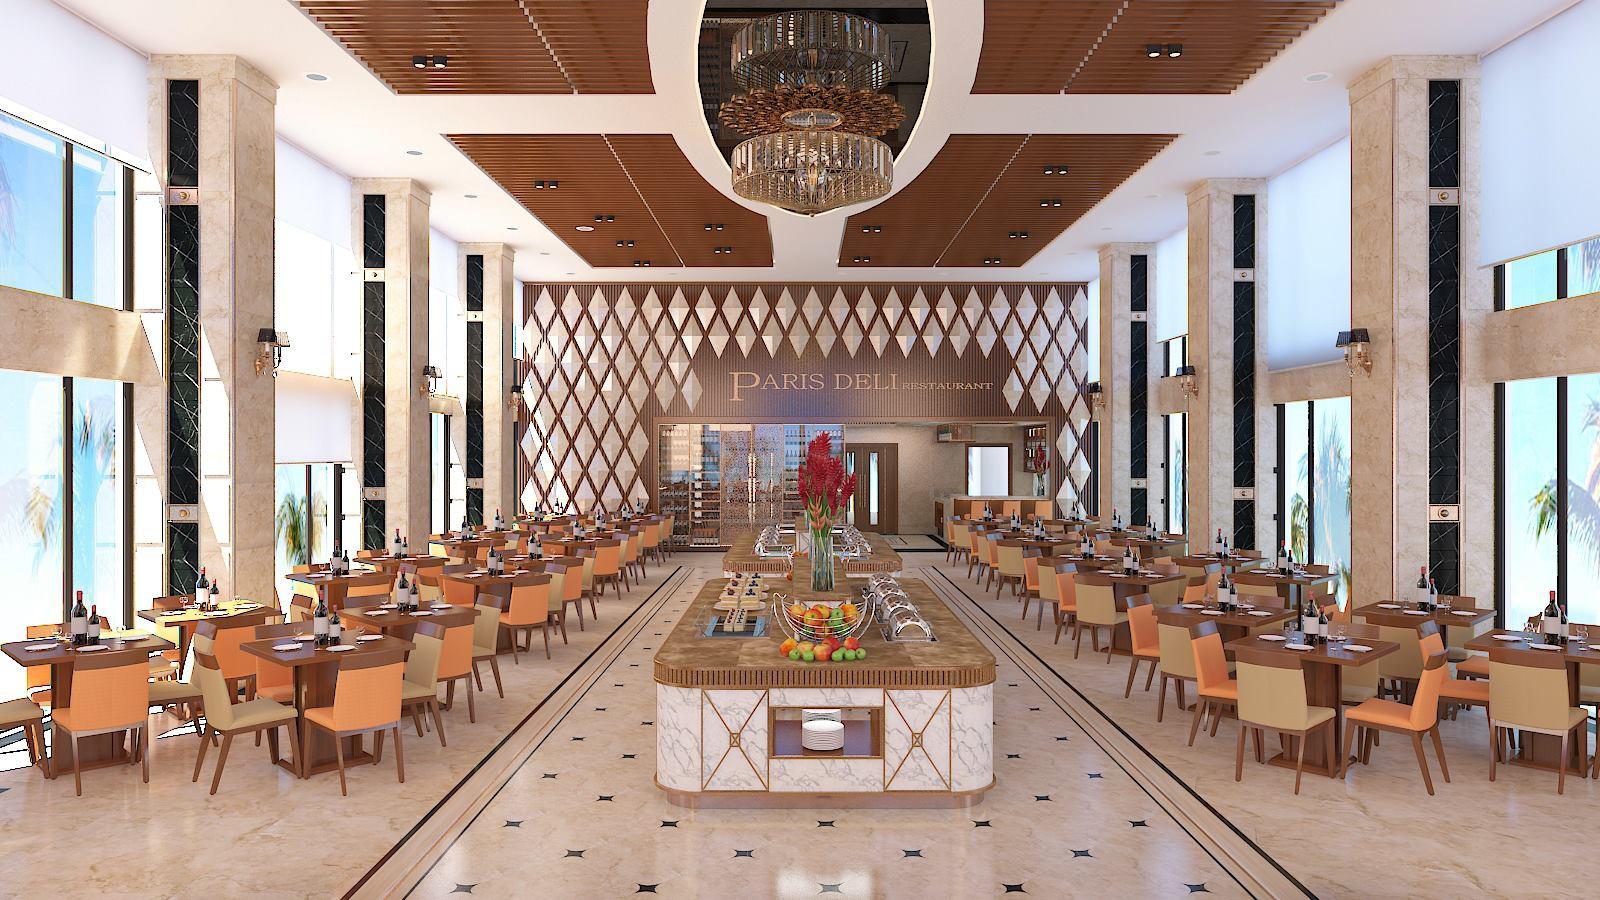 đà nẵng_Paris Deli Danang Beach Hotel 2